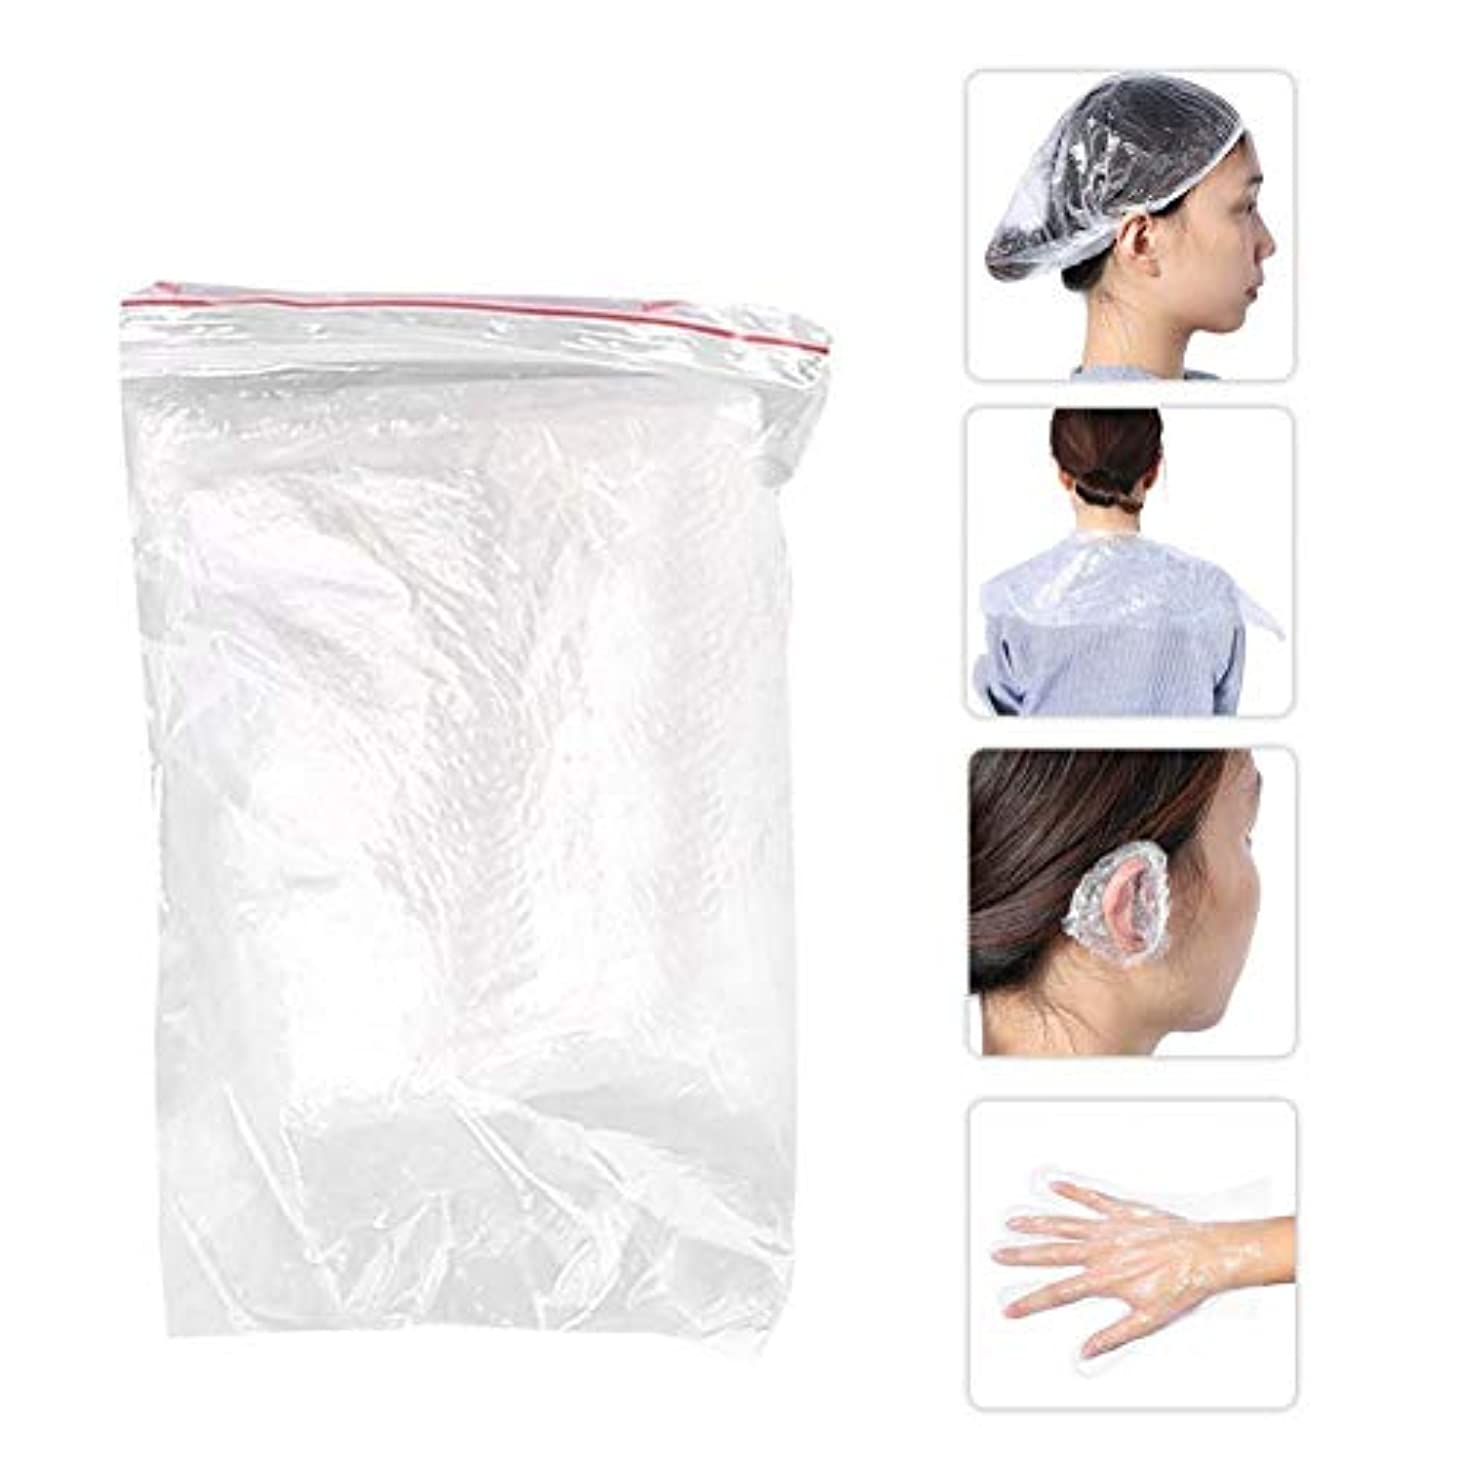 役割アヒルエッセンス美容用品毛染めツール ショールイヤーマフ手袋シャワーキャップ10セット使い捨てサロン シャワーキャップ耳カバー手袋